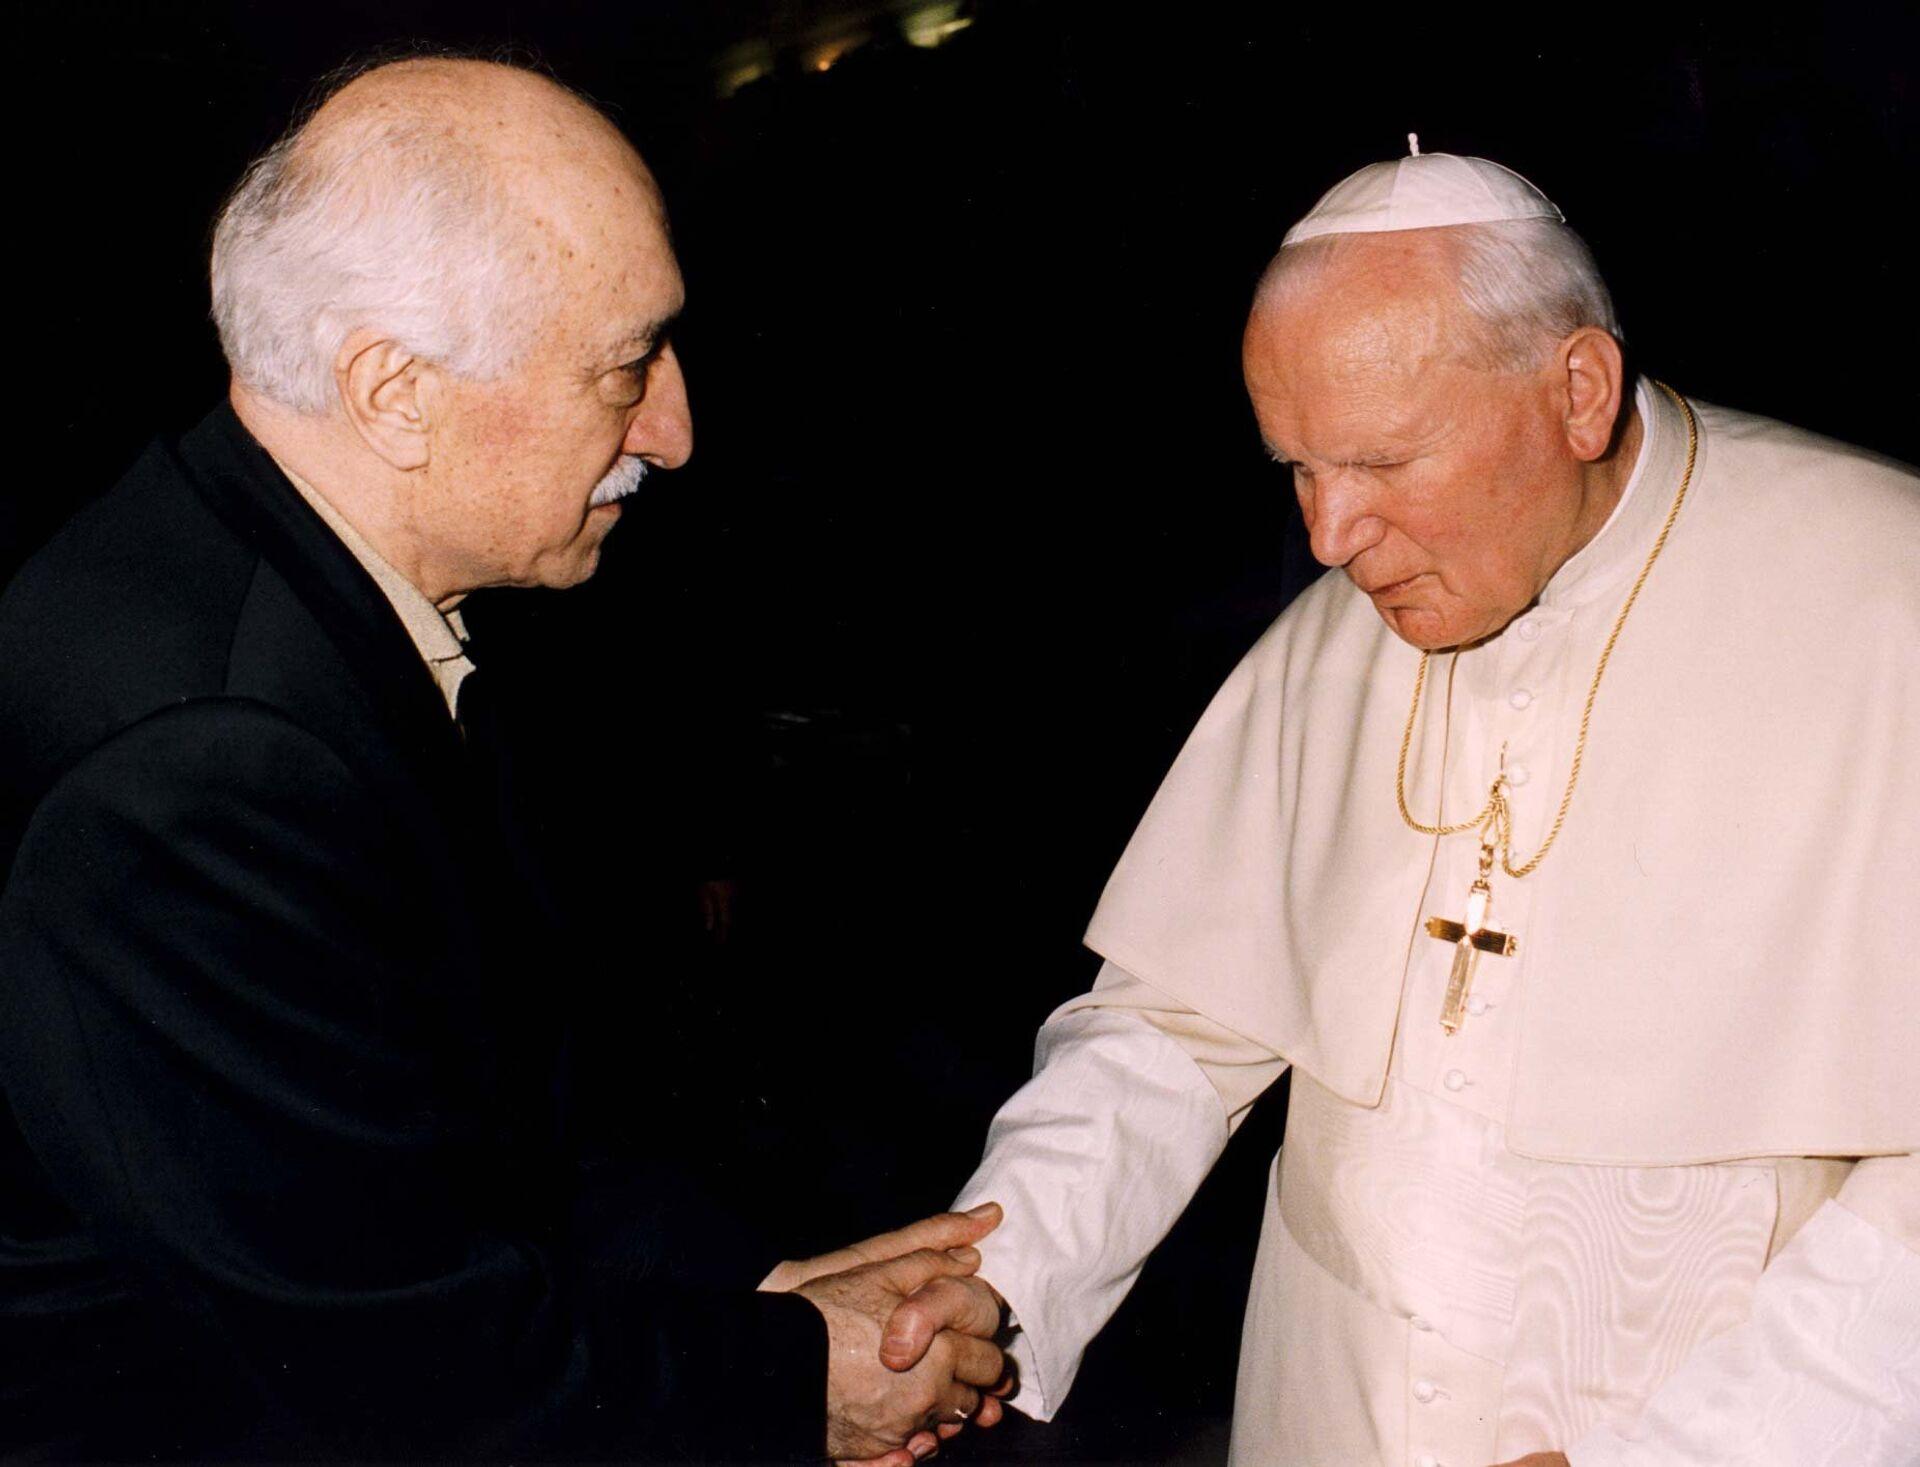 Мусульманский духовный лидер Фетхуллах Гюлен и Папа Иоанн Павел II во время встречи в Ватикане - РИА Новости, 1920, 12.10.2020